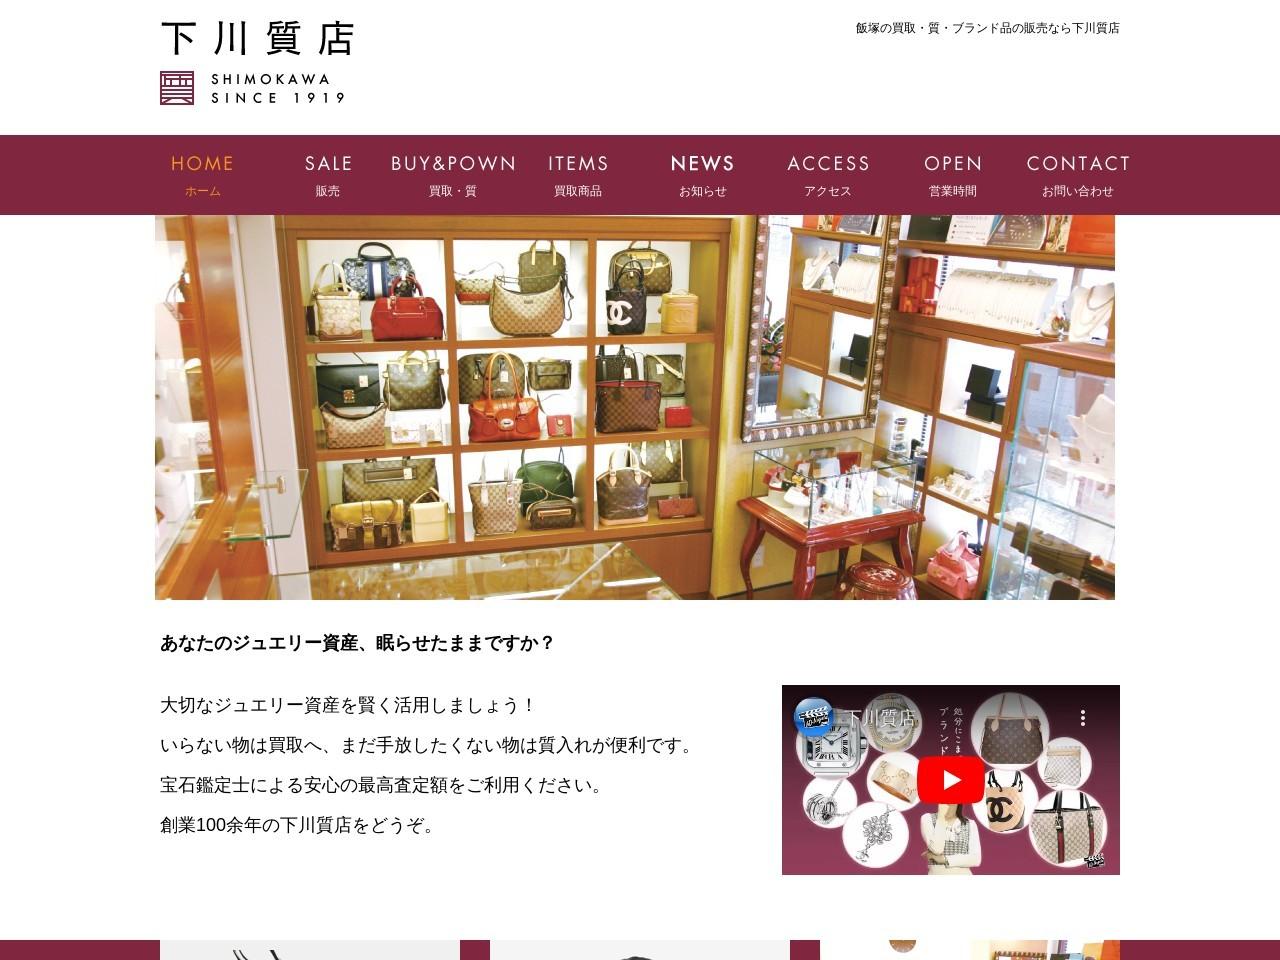 飯塚の質屋 | 販売と買取のシモカワ質店(下川質店)